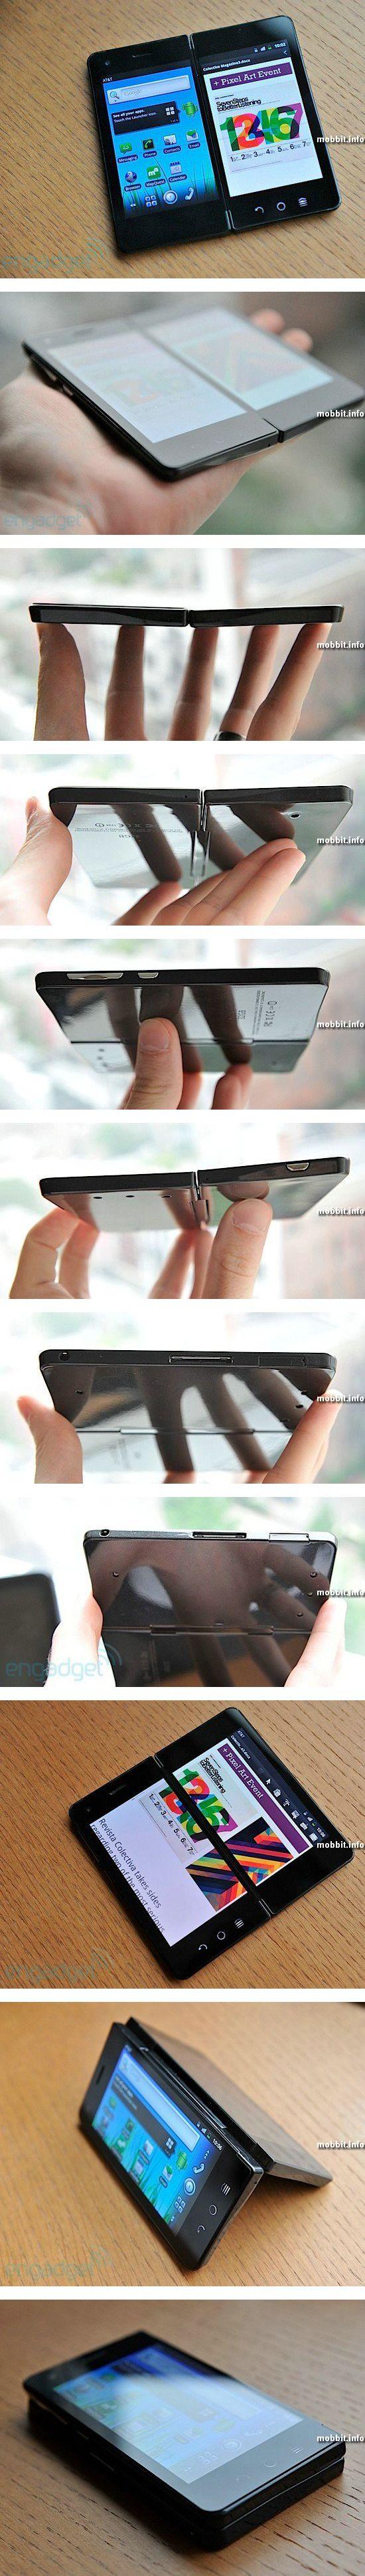 Смартфон с двумя дисплеями